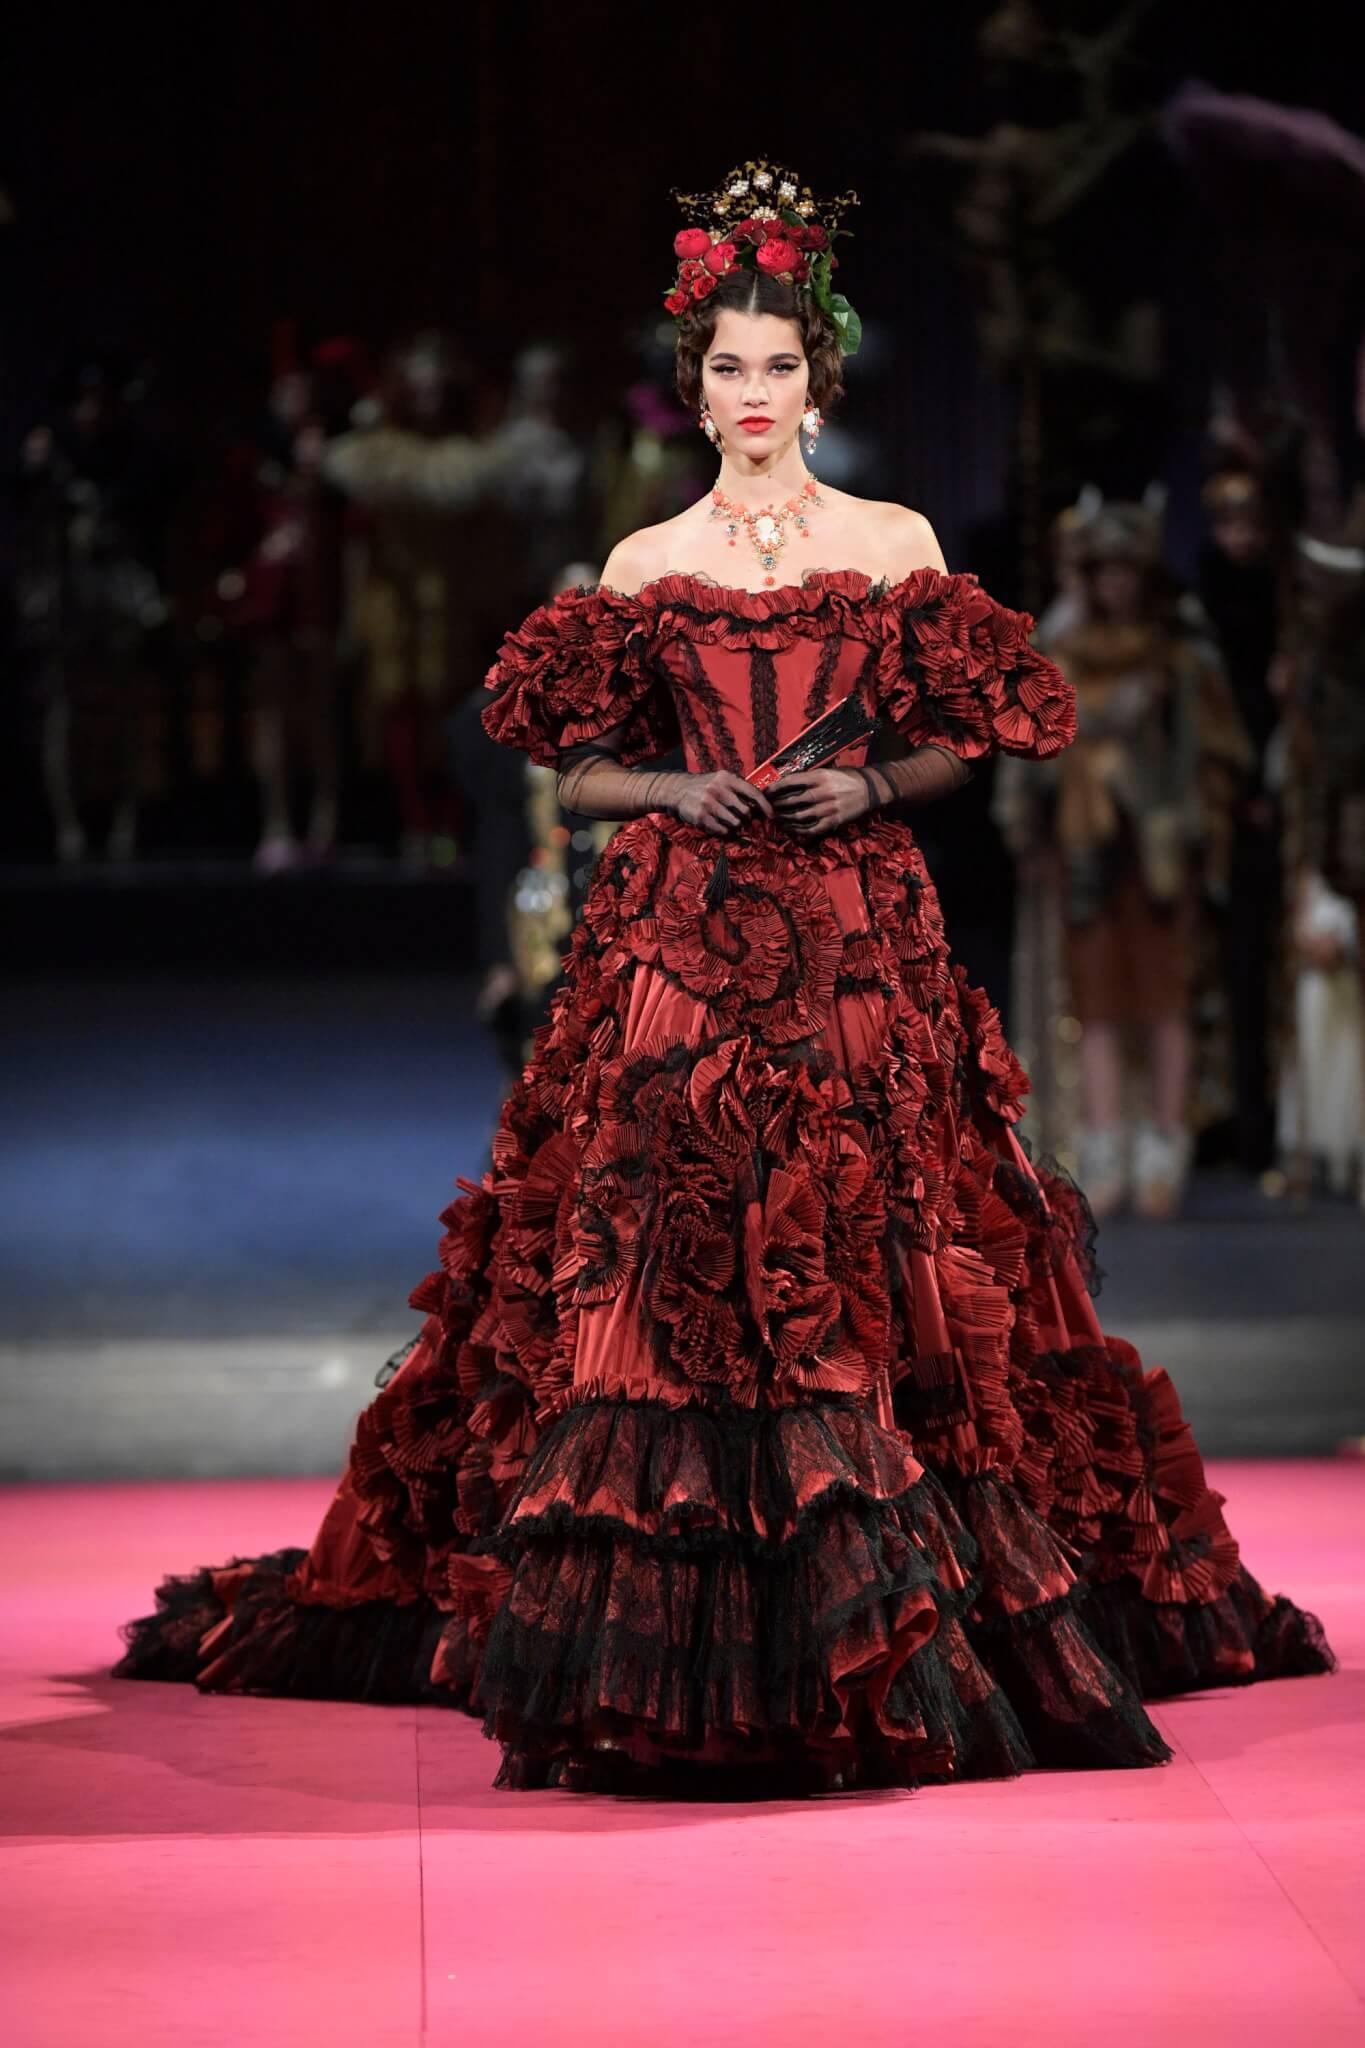 法蘭明歌舞蹈正適合Dolce&Gabbana這等熱情如火的品牌